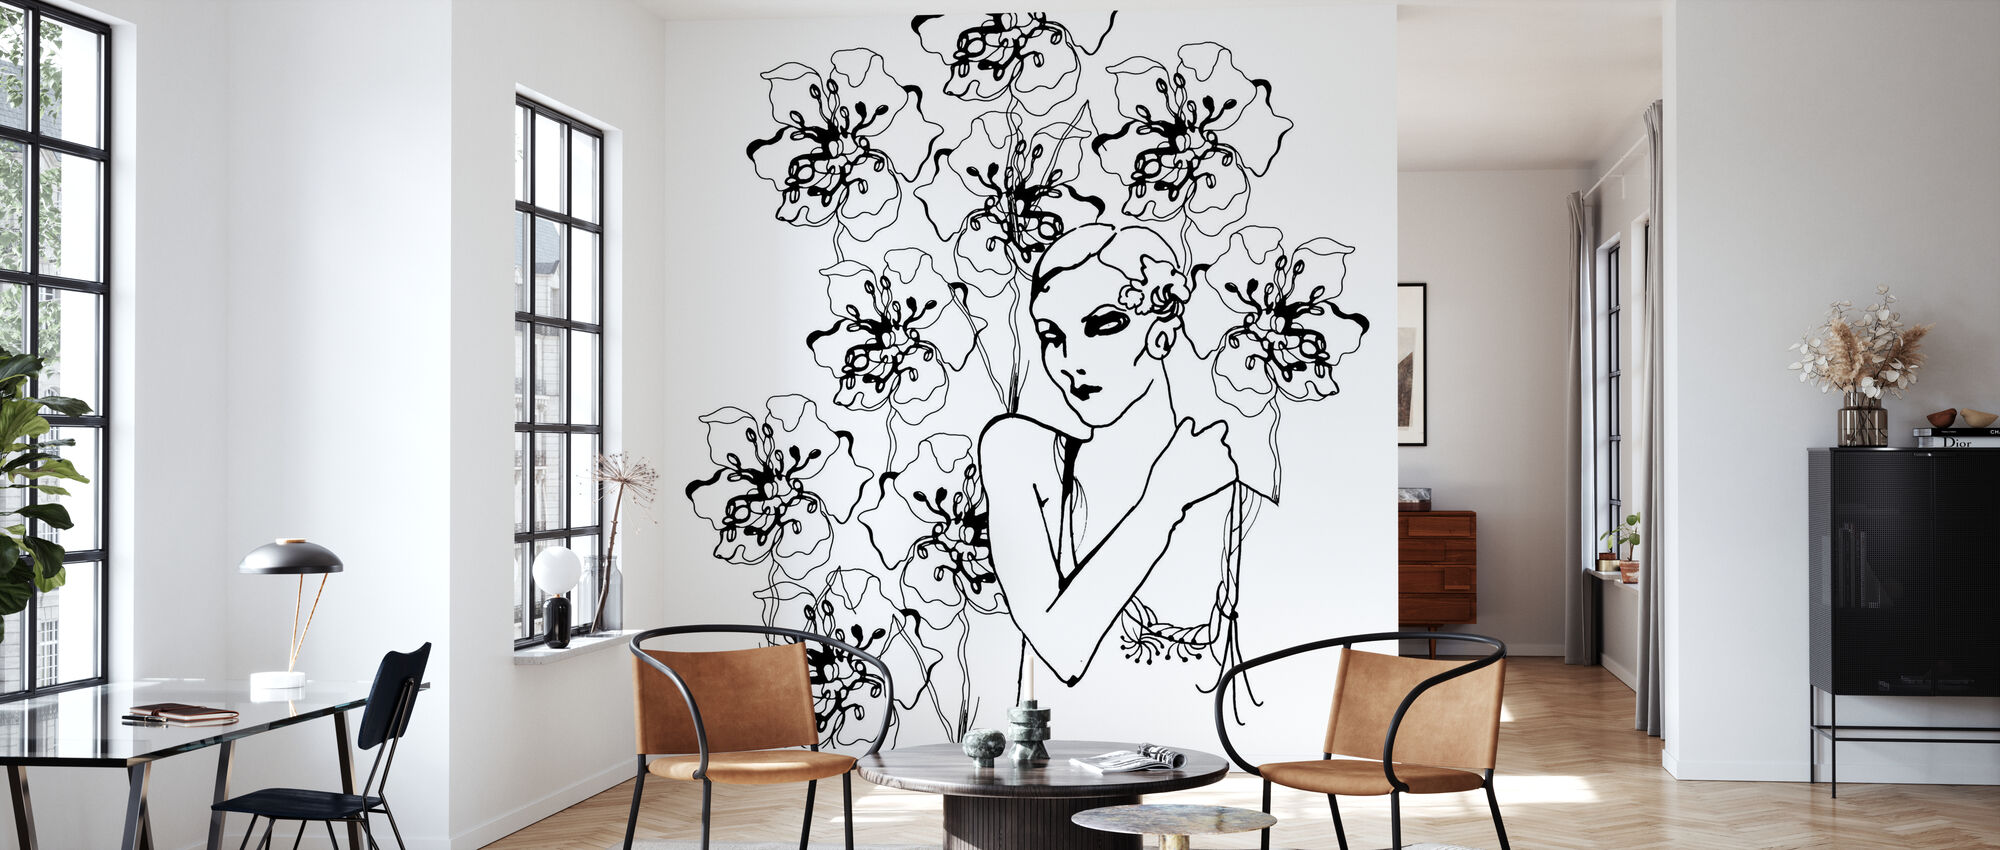 1920s Fashion - Wallpaper - Living Room